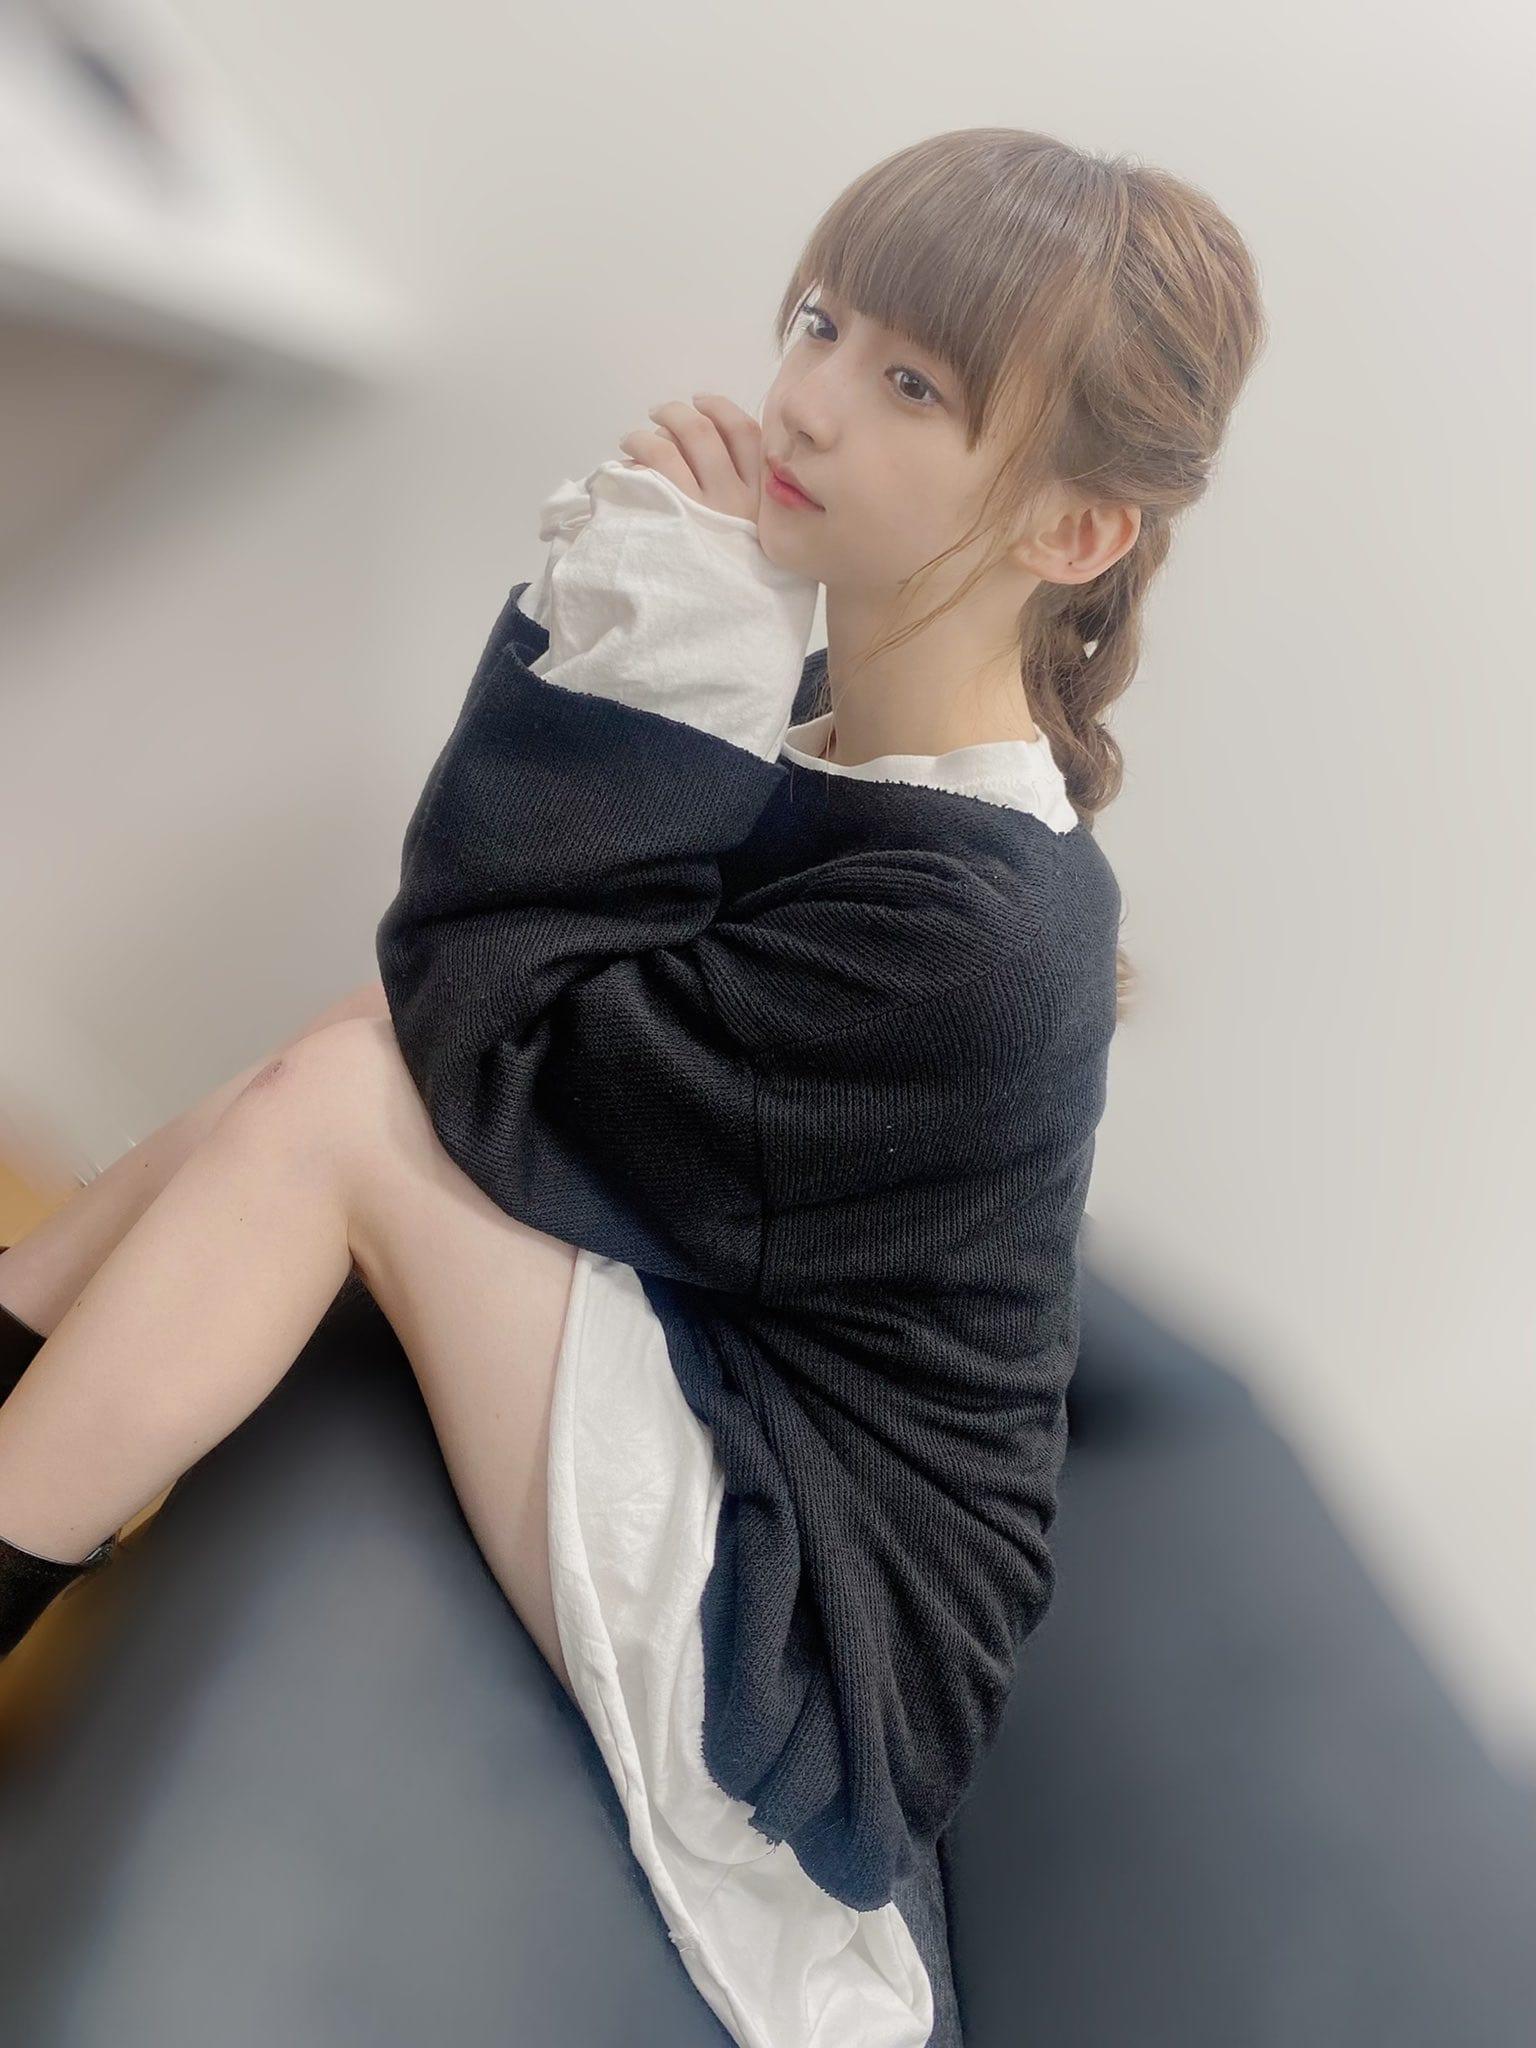 NGT48荻野由佳「あざとすぎる美ふとももッ!」罰ゲームで膝の上に物を…?【画像2枚】の画像002